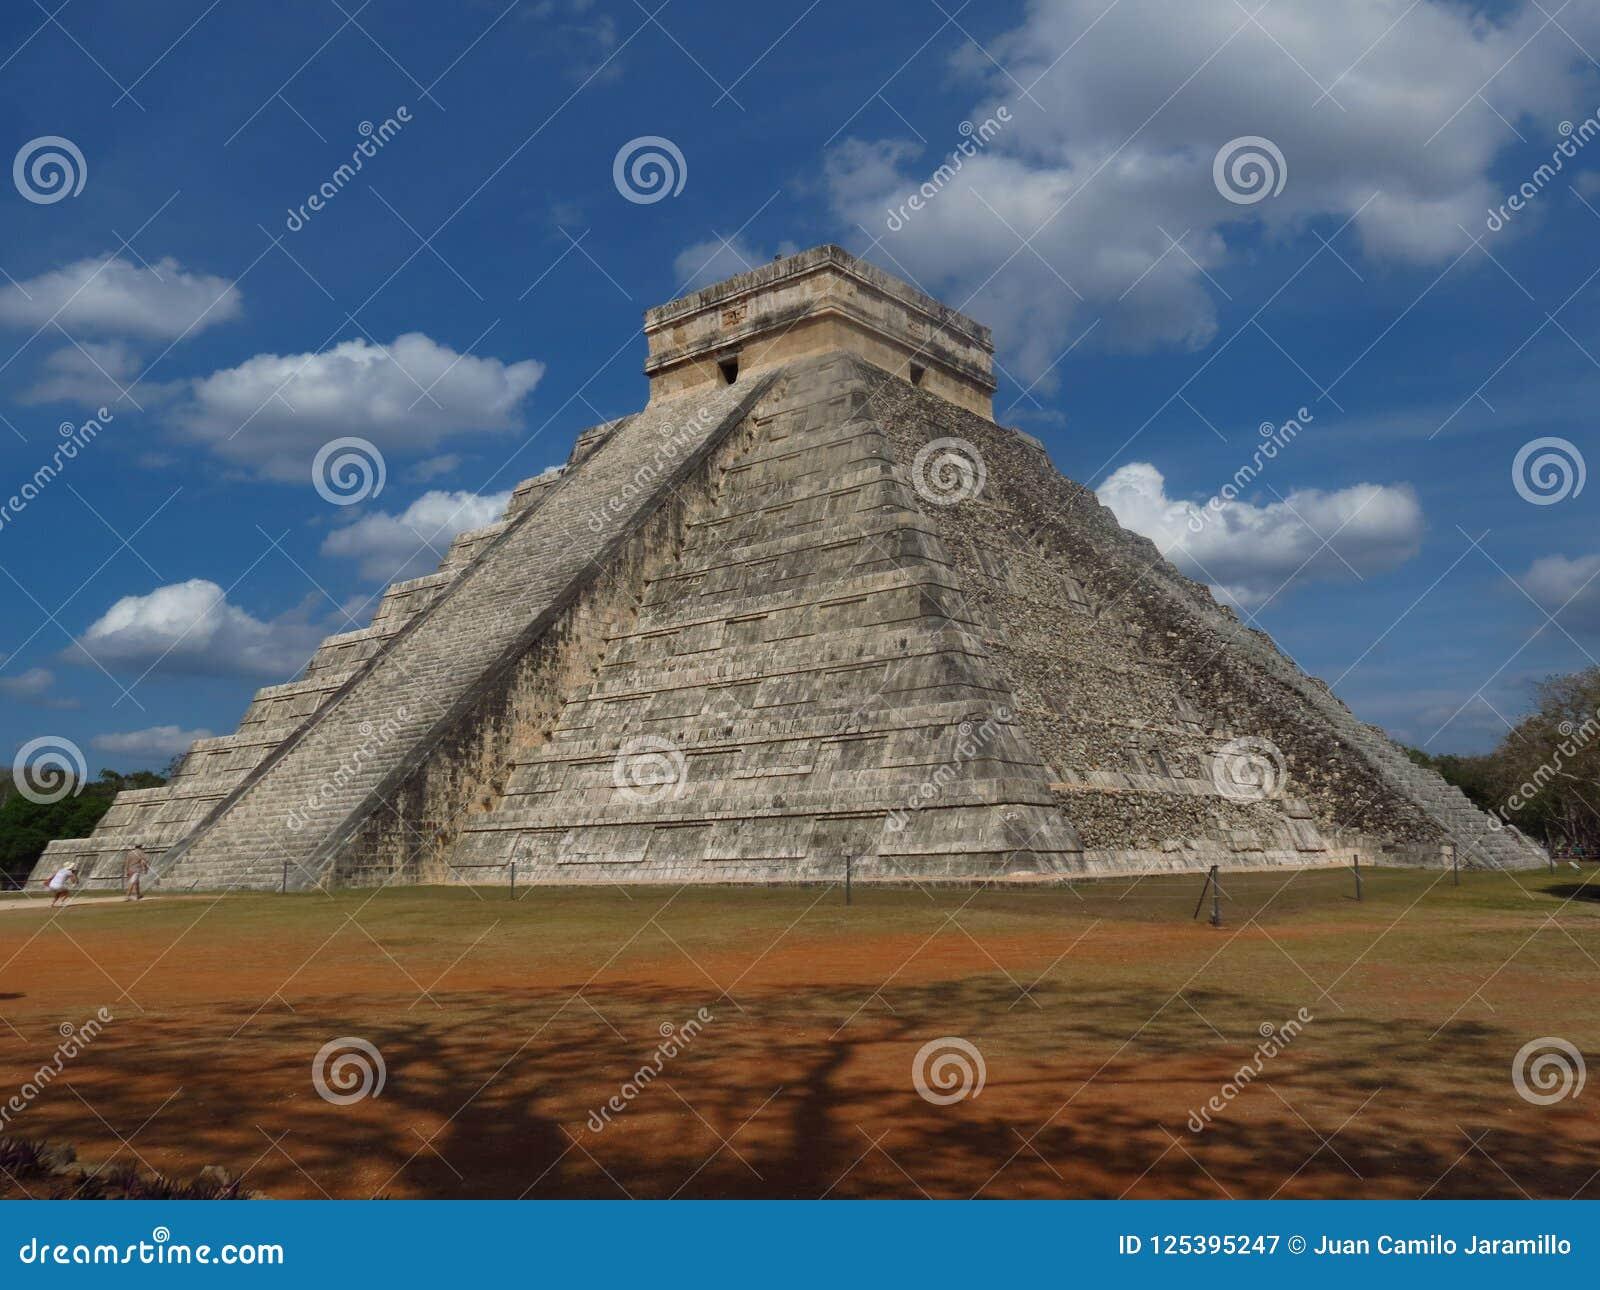 Chichen Itza, Mexico; 16 april 2015: Mensen die de oude gebouwen van maya cultuur zoals de piramide bezoeken, jaguartempel, plane